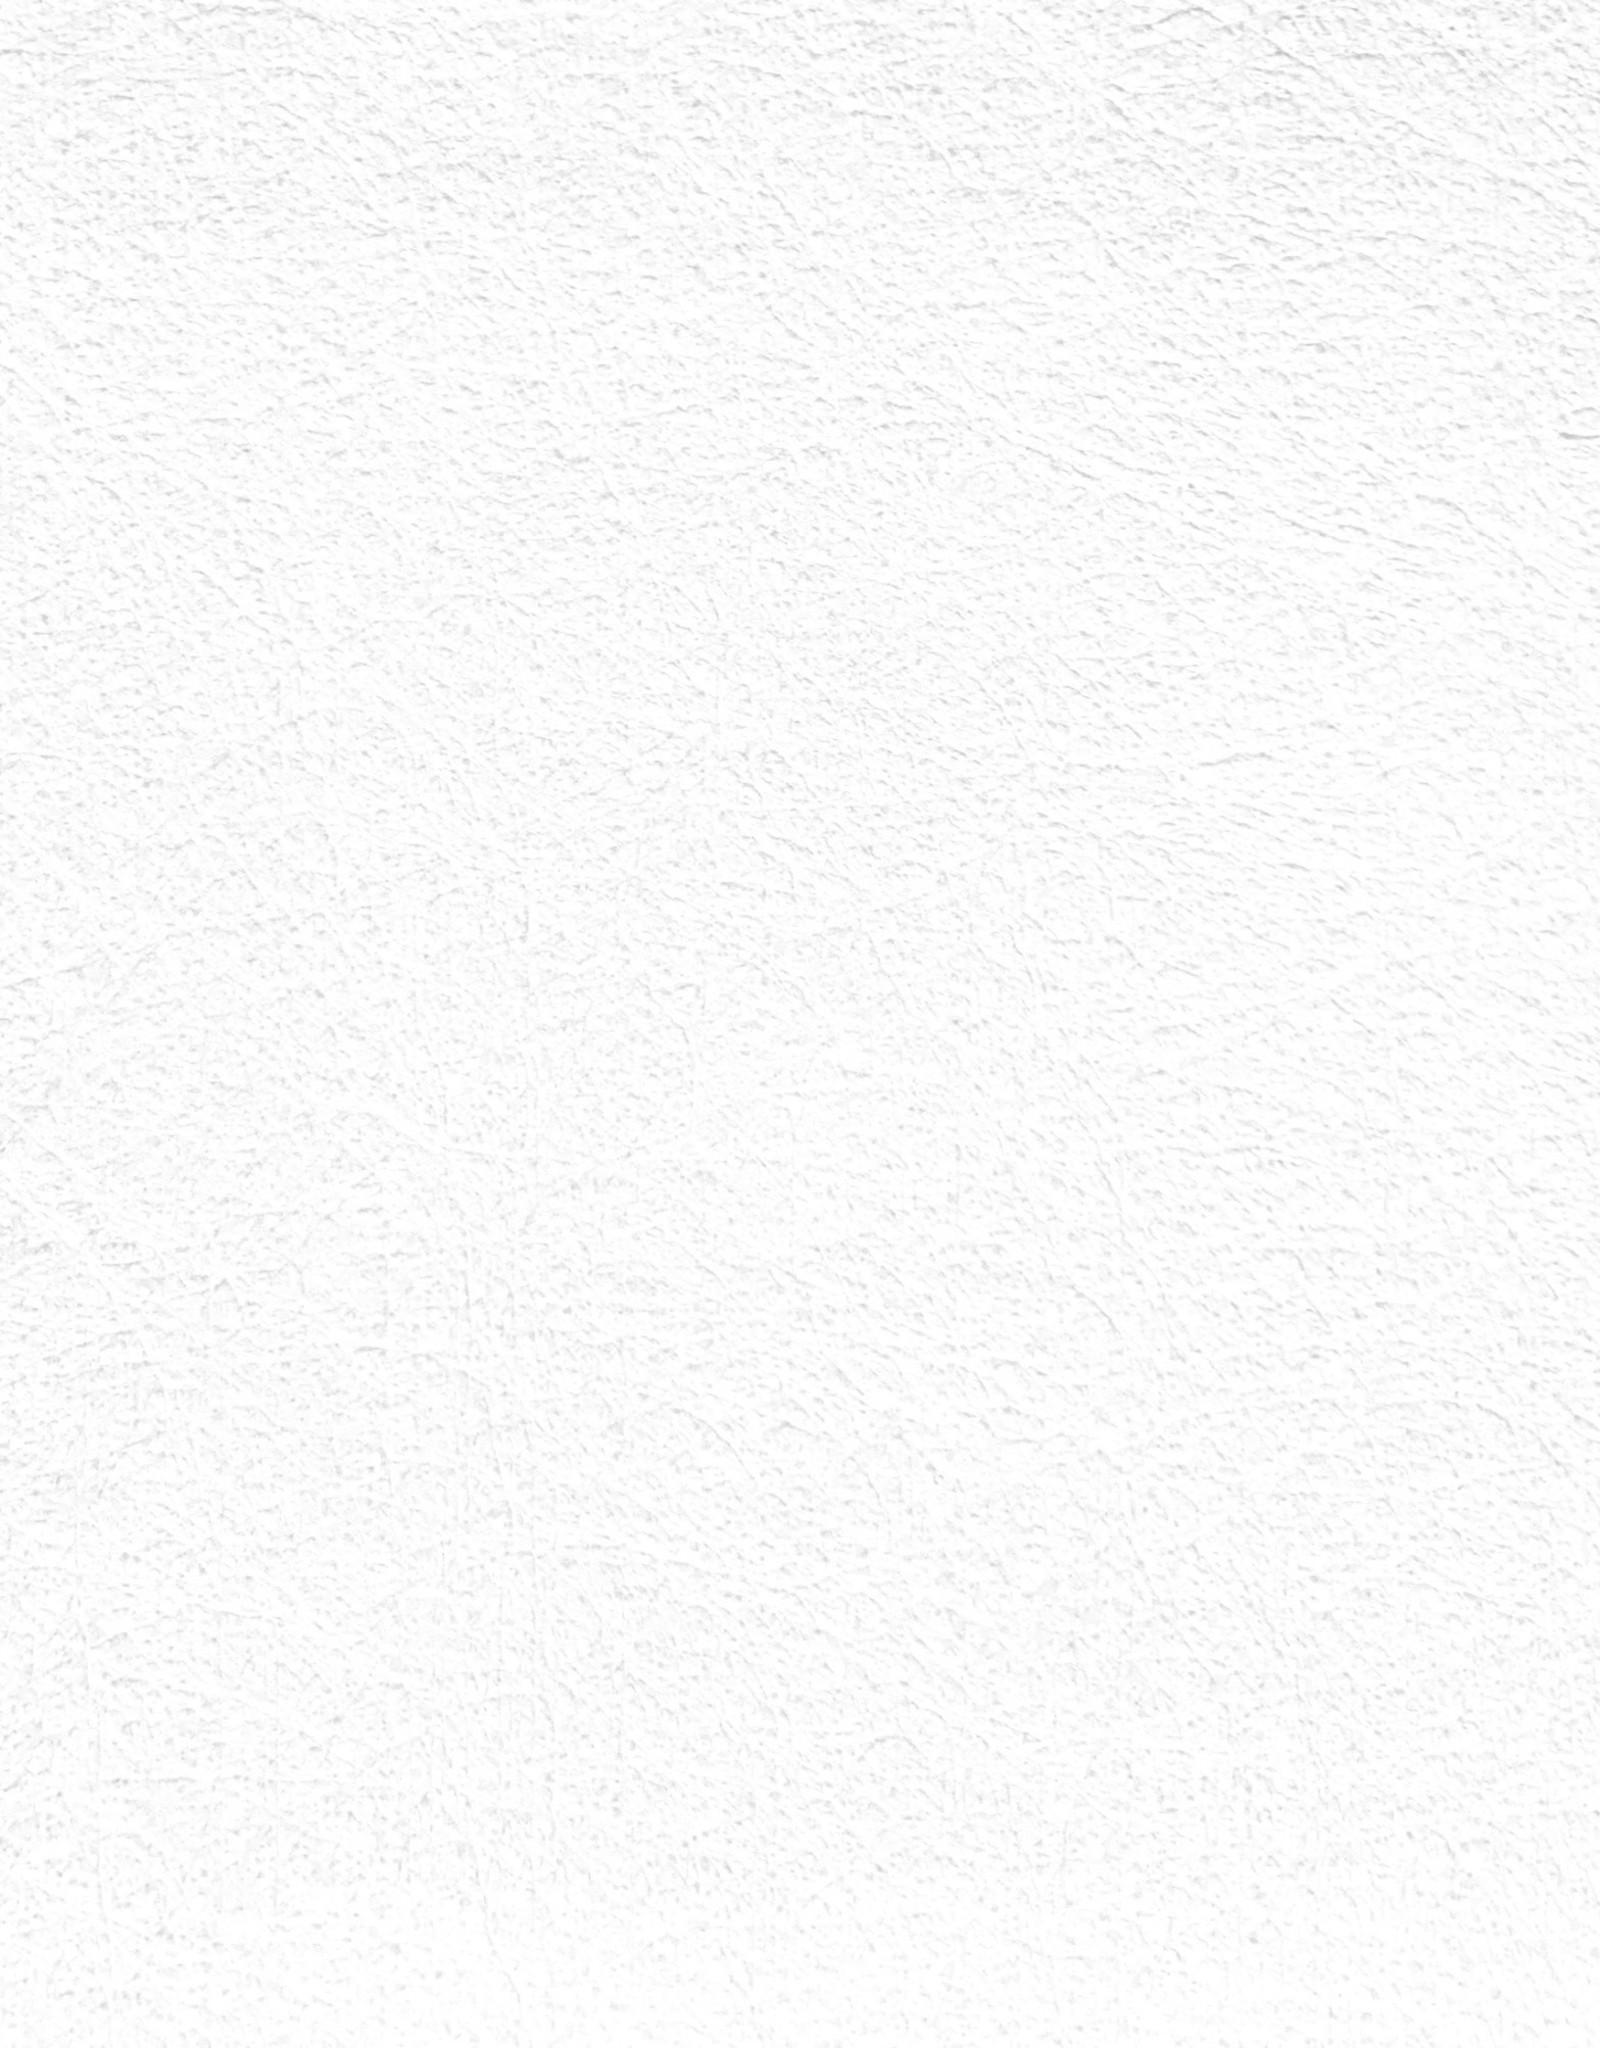 Evolon AP, 58 gsm, 22X30, 20 Sheet Pack